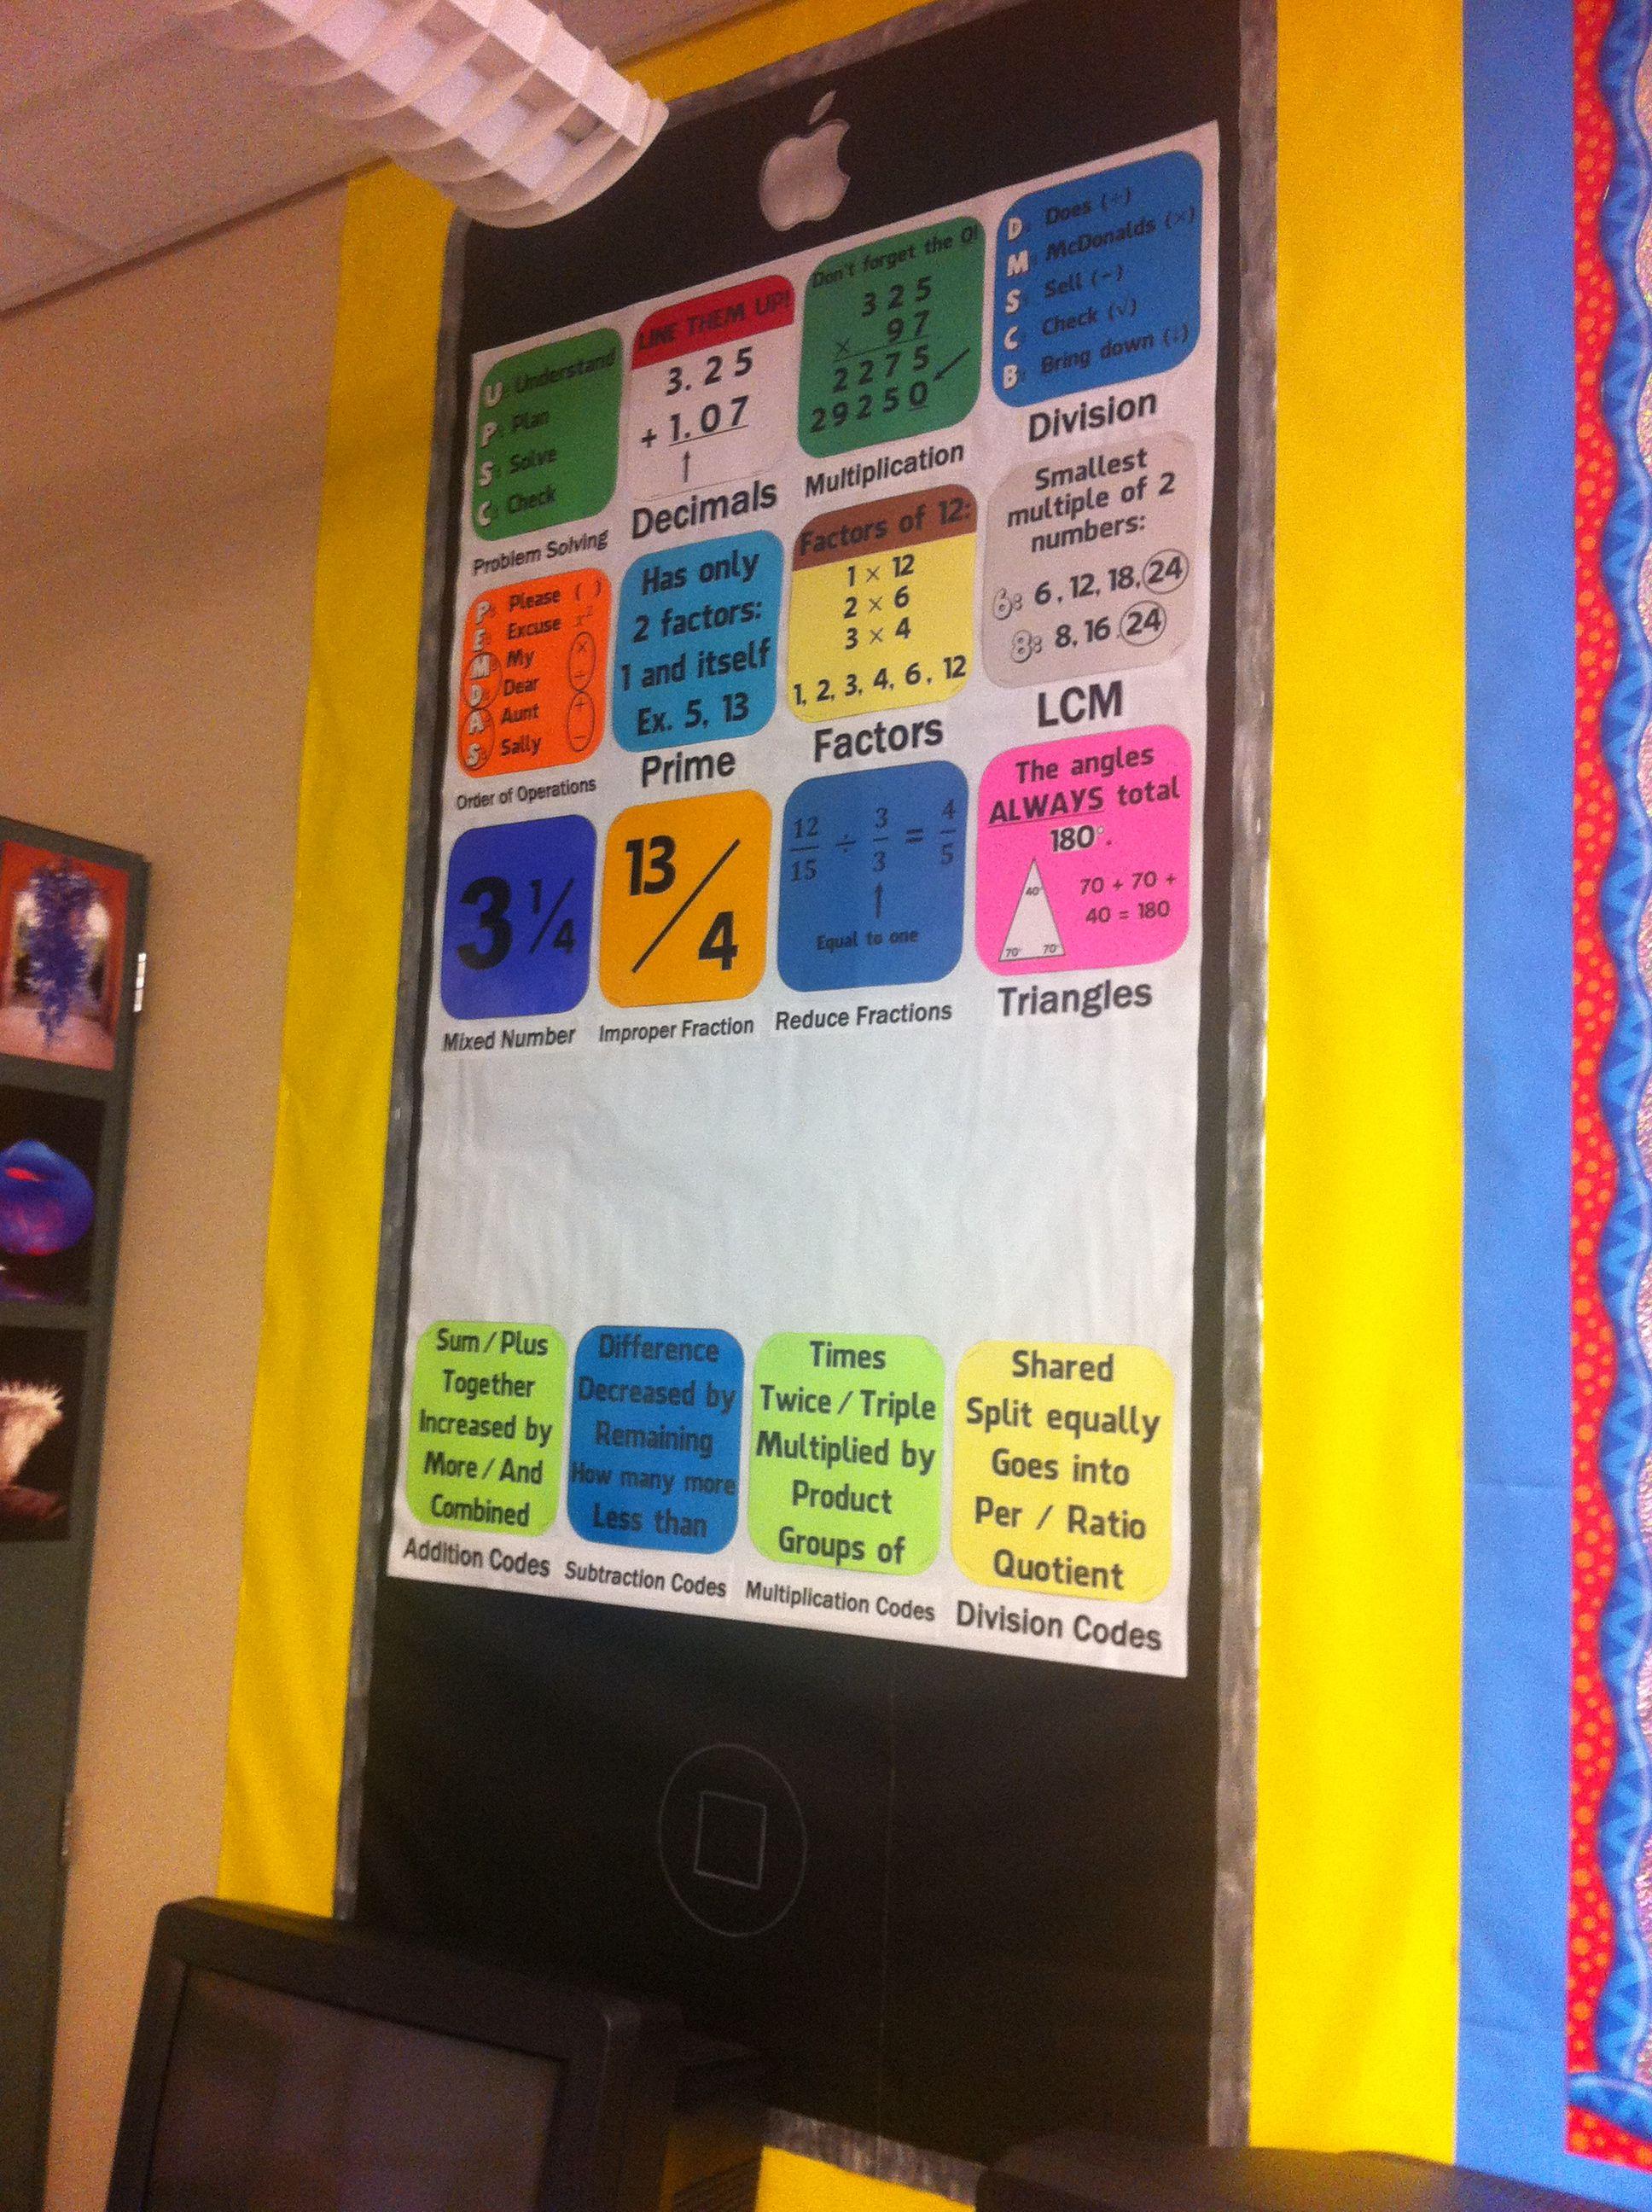 5th Grade Social Studies Classroom Decorations : My iphone th grade math quot app board has key vocab and